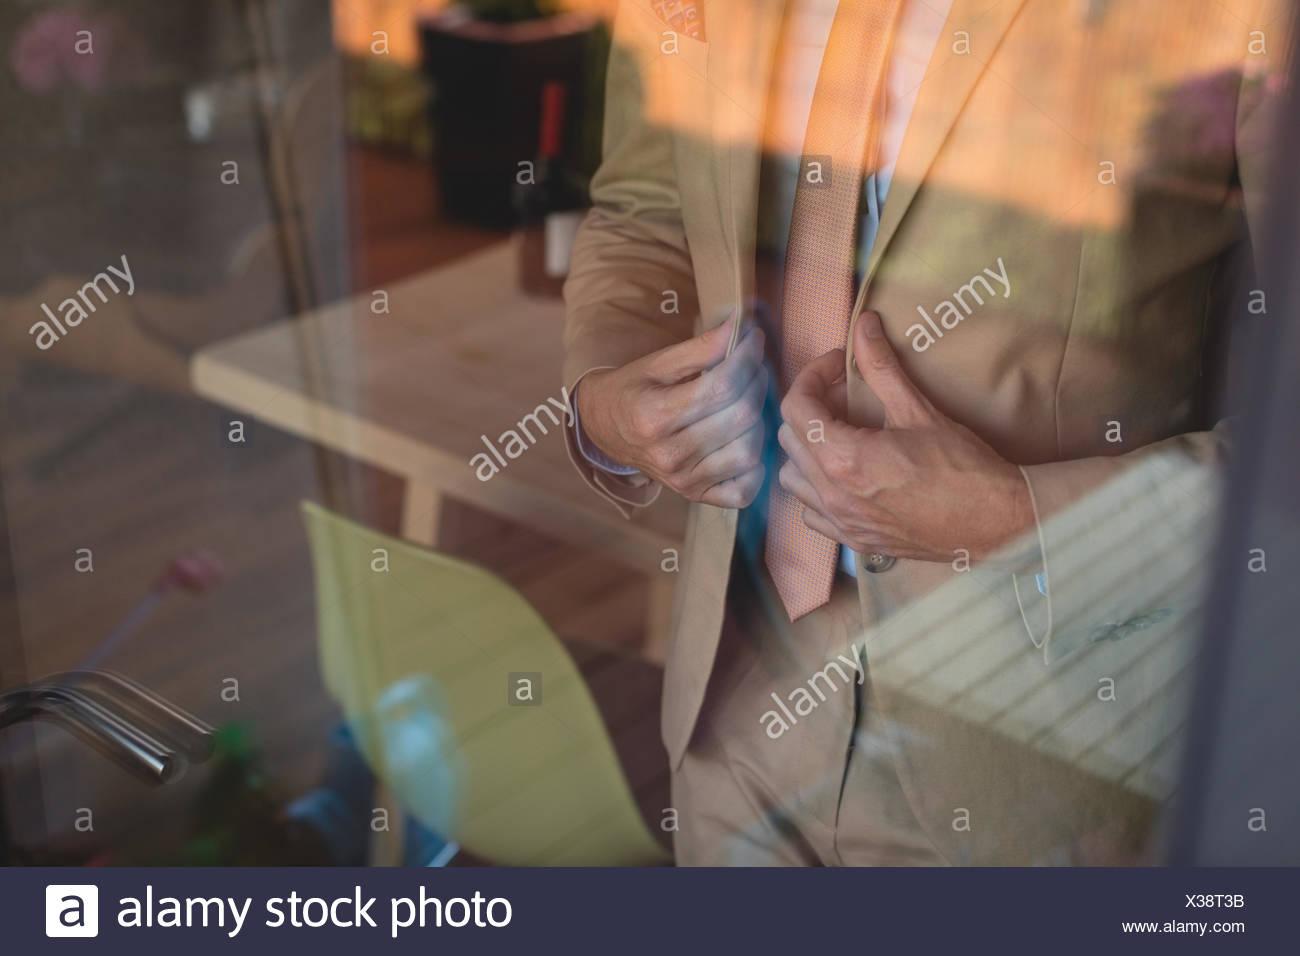 Der Mensch seine Blazer zu Hause tragen Stockbild